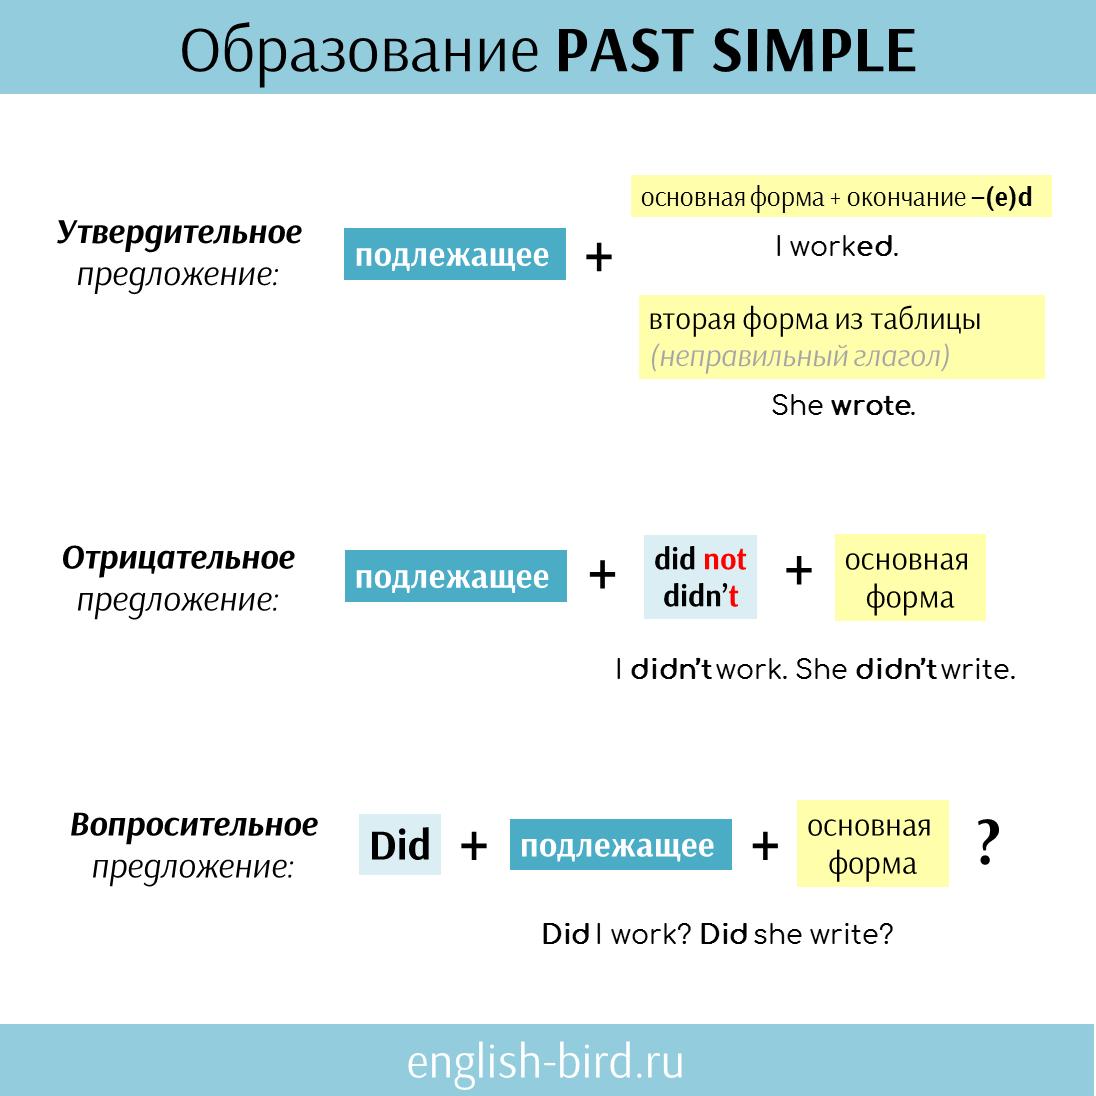 Образование Past Simple: схема